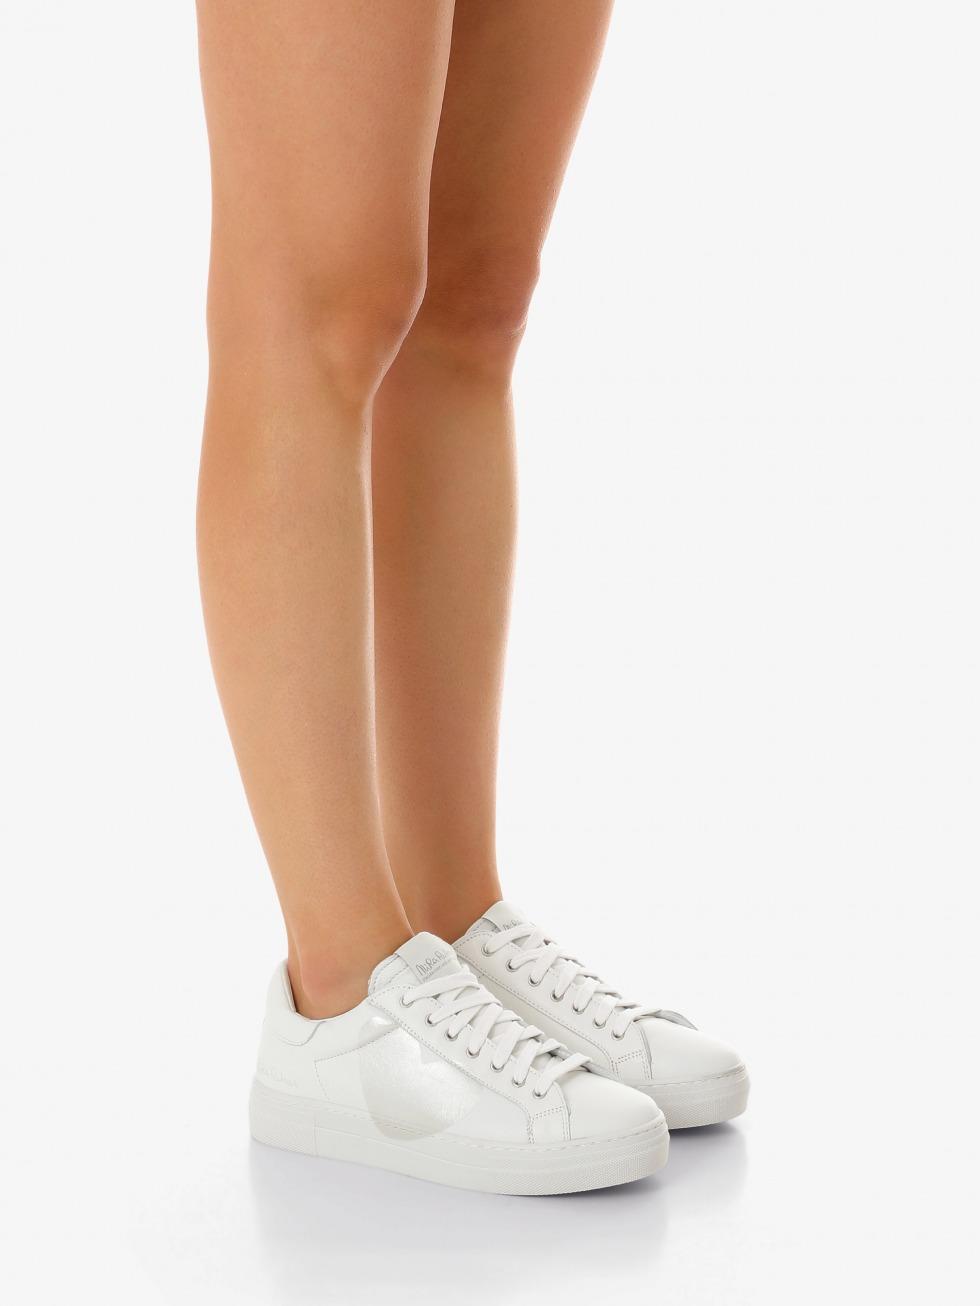 Sneakers Martini Bianco - Cuore Madreperla